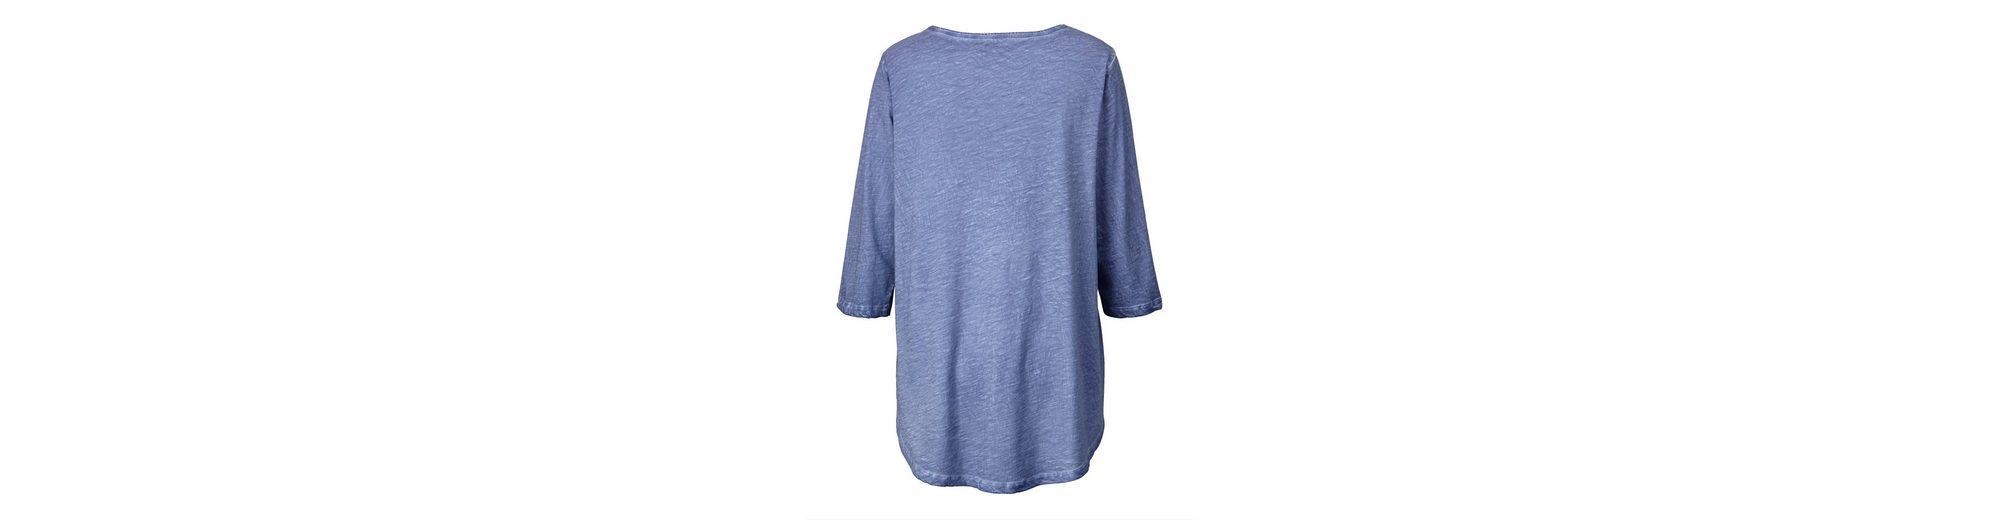 Authentisch Günstiger Preis Günstig Kaufen Best Pick Angel of Style by Happy Size Vokuhila-Shirt oil wash Preiswerte Qualität Zum Verkauf Offizieller Seite 33WnQ